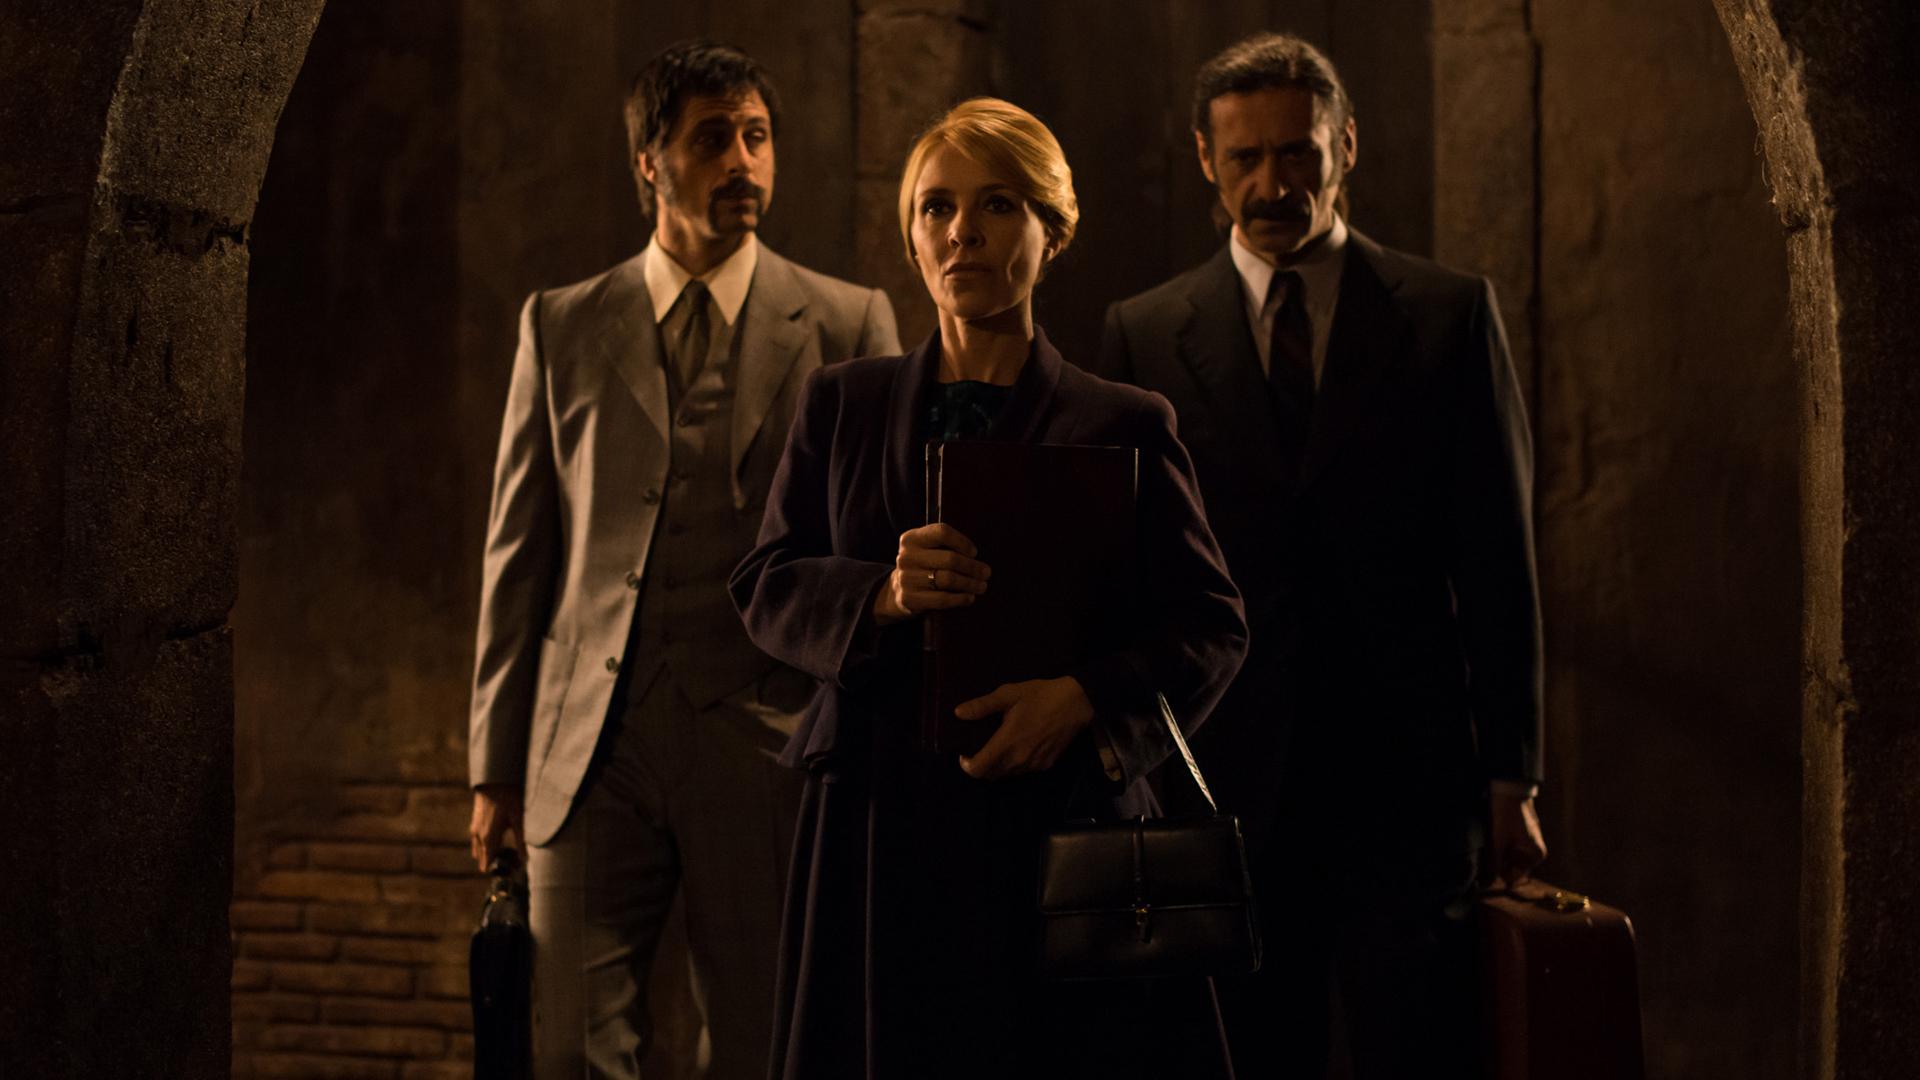 Angel O Demonio S01E01 Cda el ministerio del tiempo | temporada 1 - capítulo 1 - rtve.es